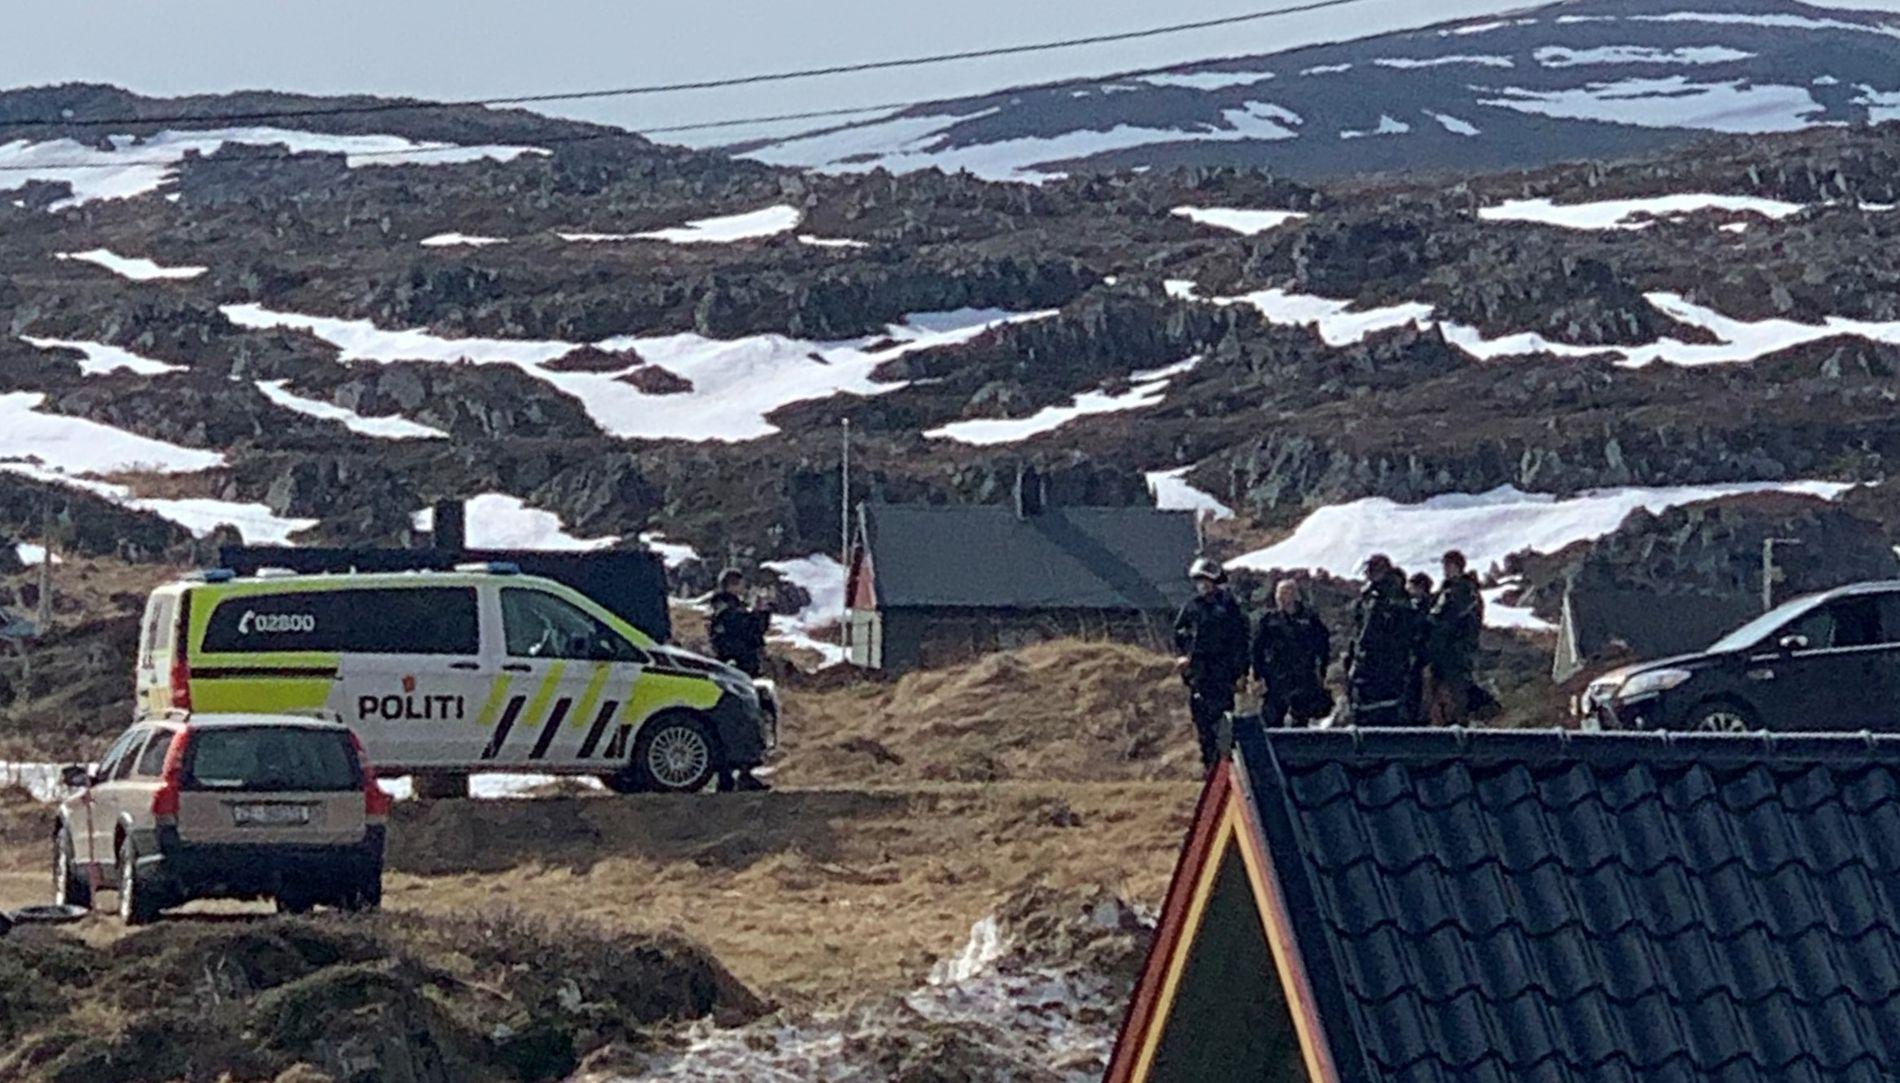 POLITIAKSJON: En 40 år gammel mann døde lørdag morgen etter å ha blitt funnet hardt skadet i sentrum av Mehamn i Finnmark.